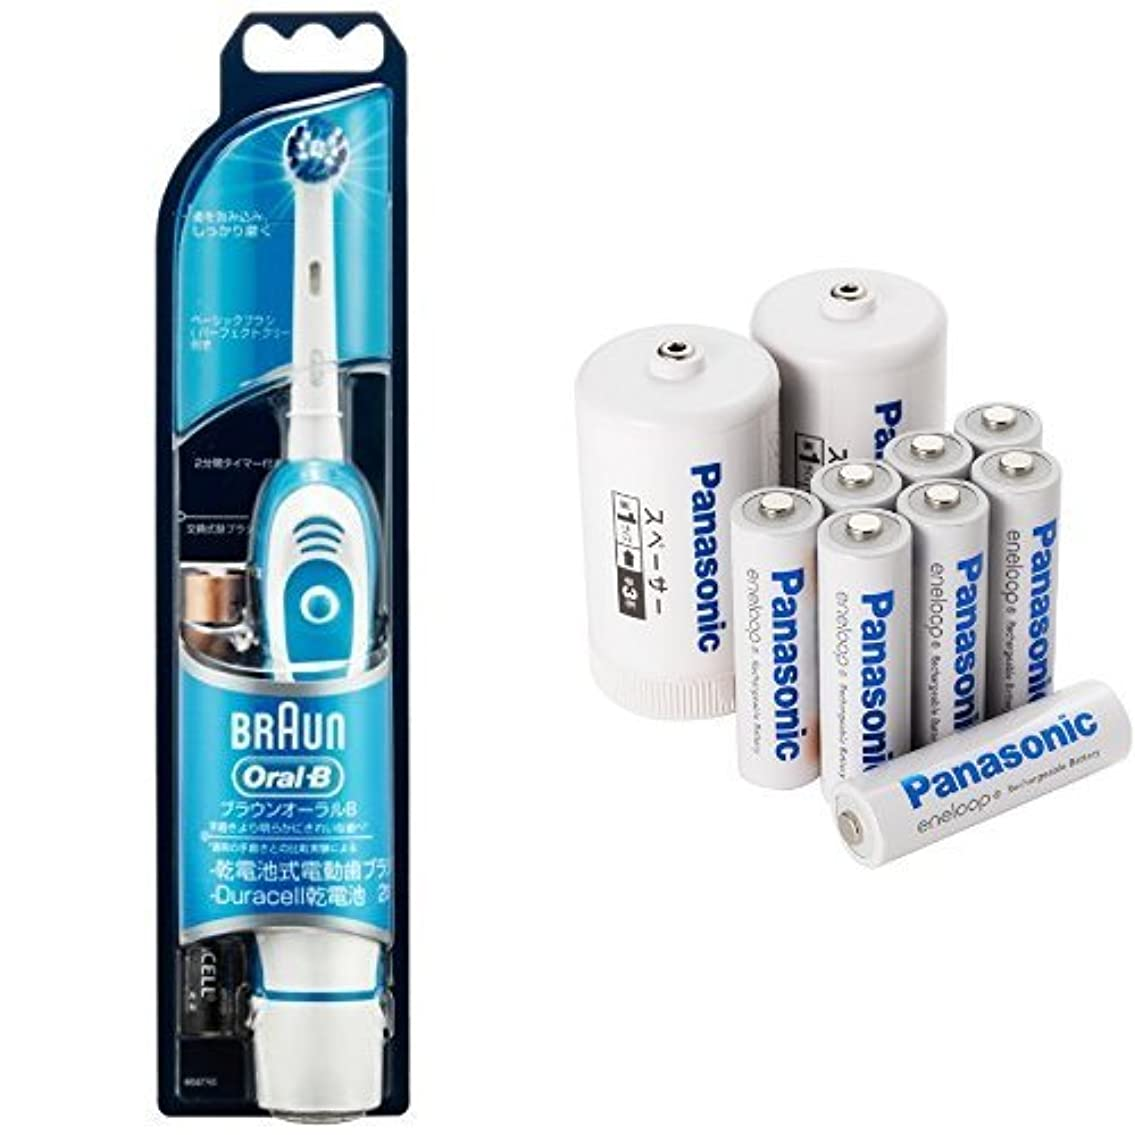 冊子精神記念日ブラウン オーラルB プラックコントロール DB4510NE 電動歯ブラシ 乾電池式 + eneloop 単3形充電池 8本パック BK-3MCC/8FA セット